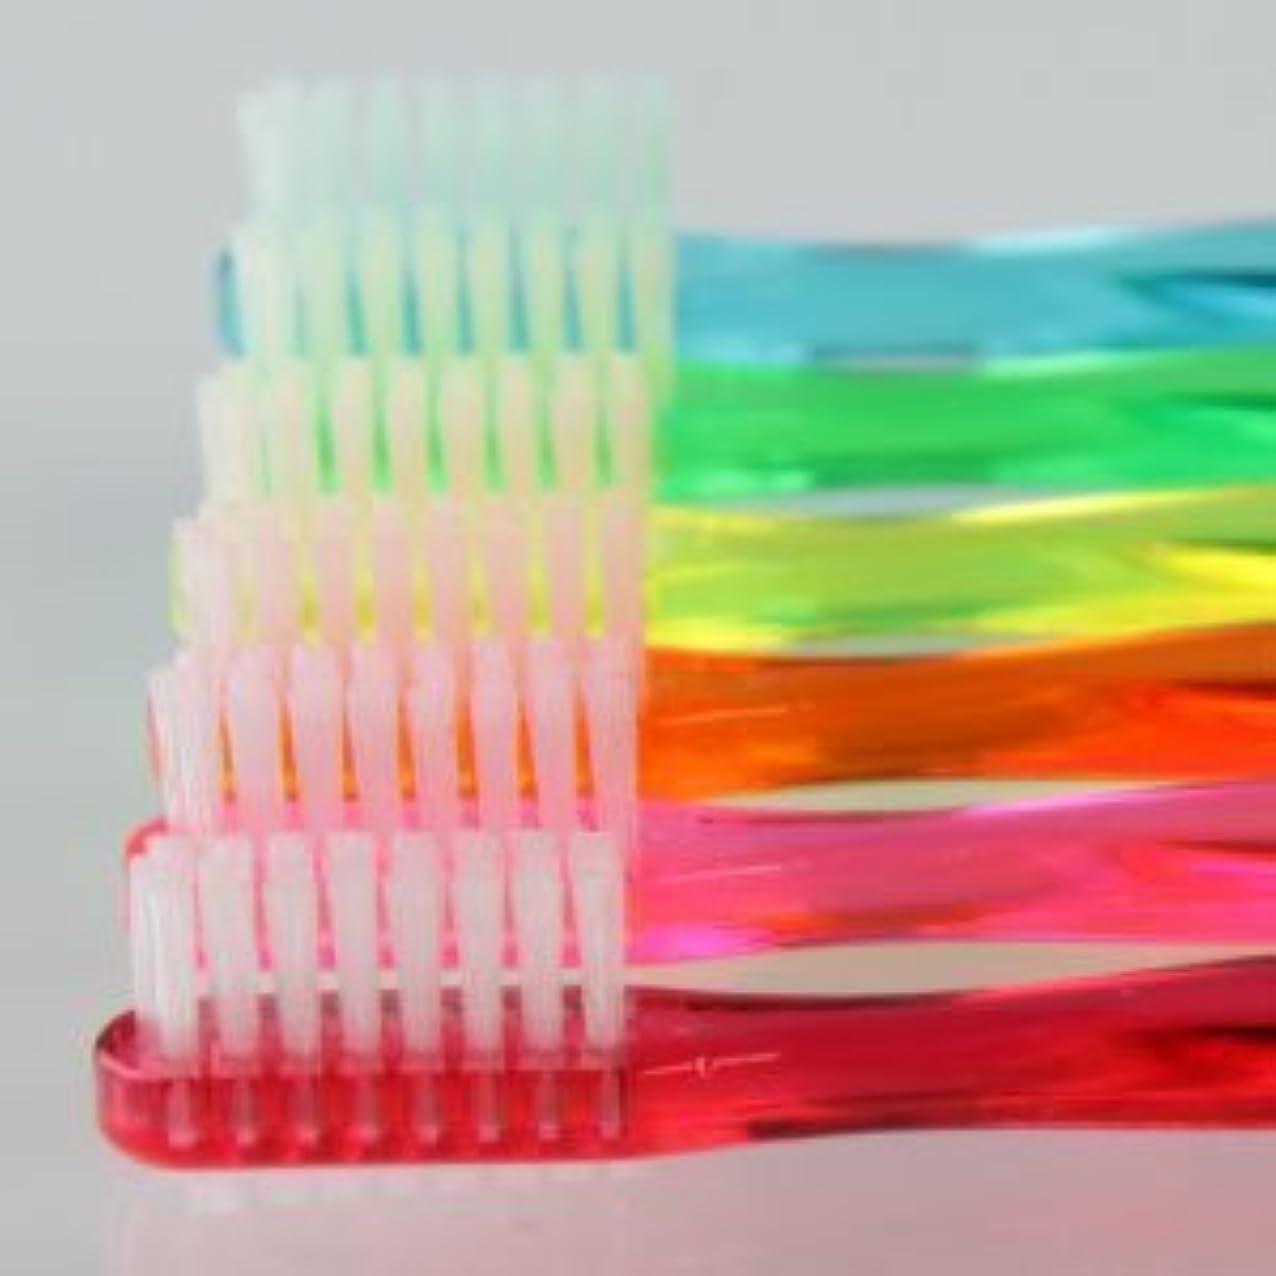 専ら専らラップサムフレンド 歯ブラシ #11(乳歯?永久歯の混合歯列期向け) 6本 ※お色は当店お任せです